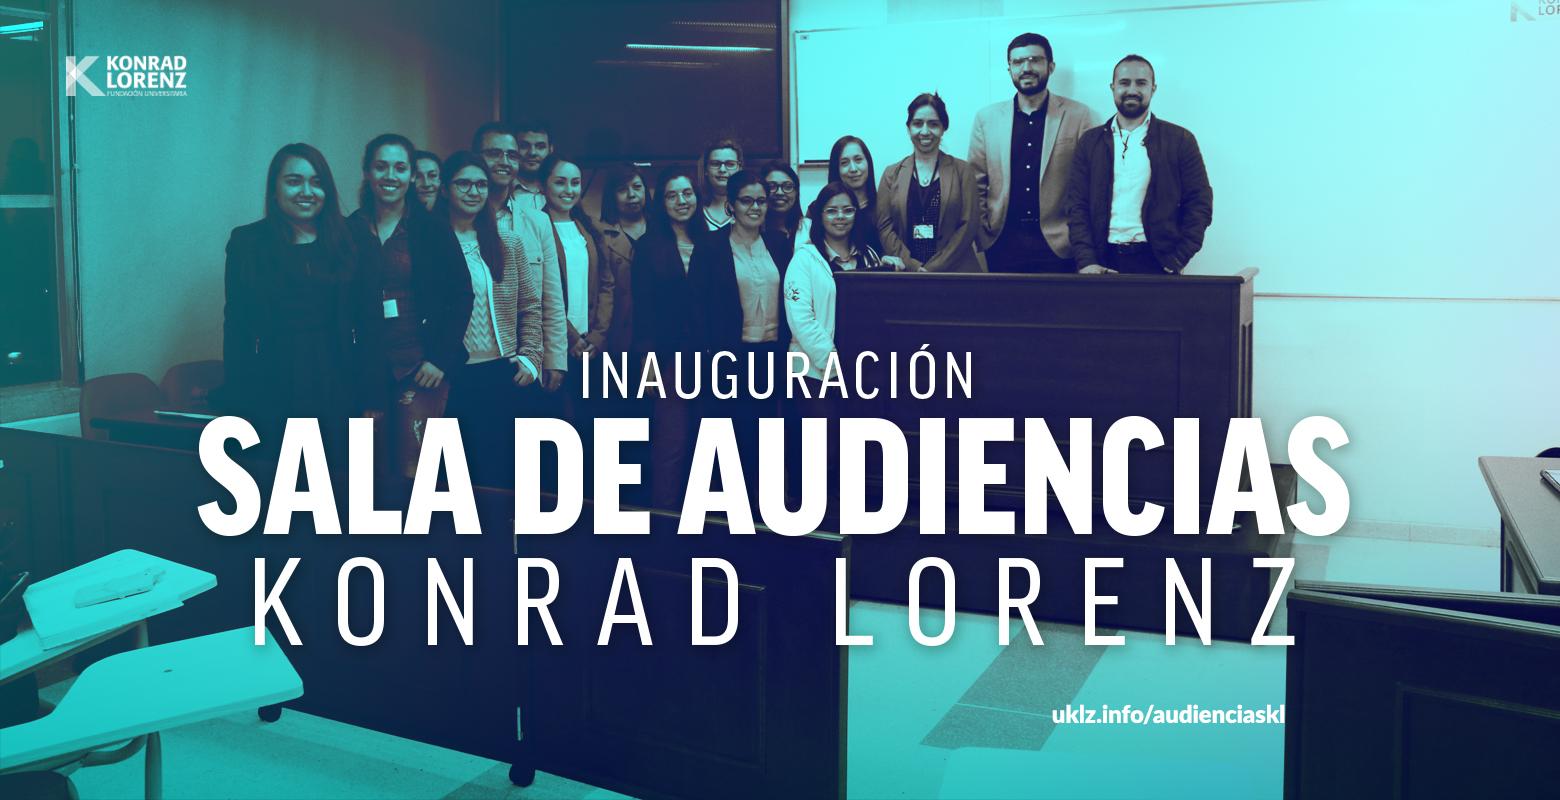 Inauguración Sala de Audiencias Konrad Lorenz